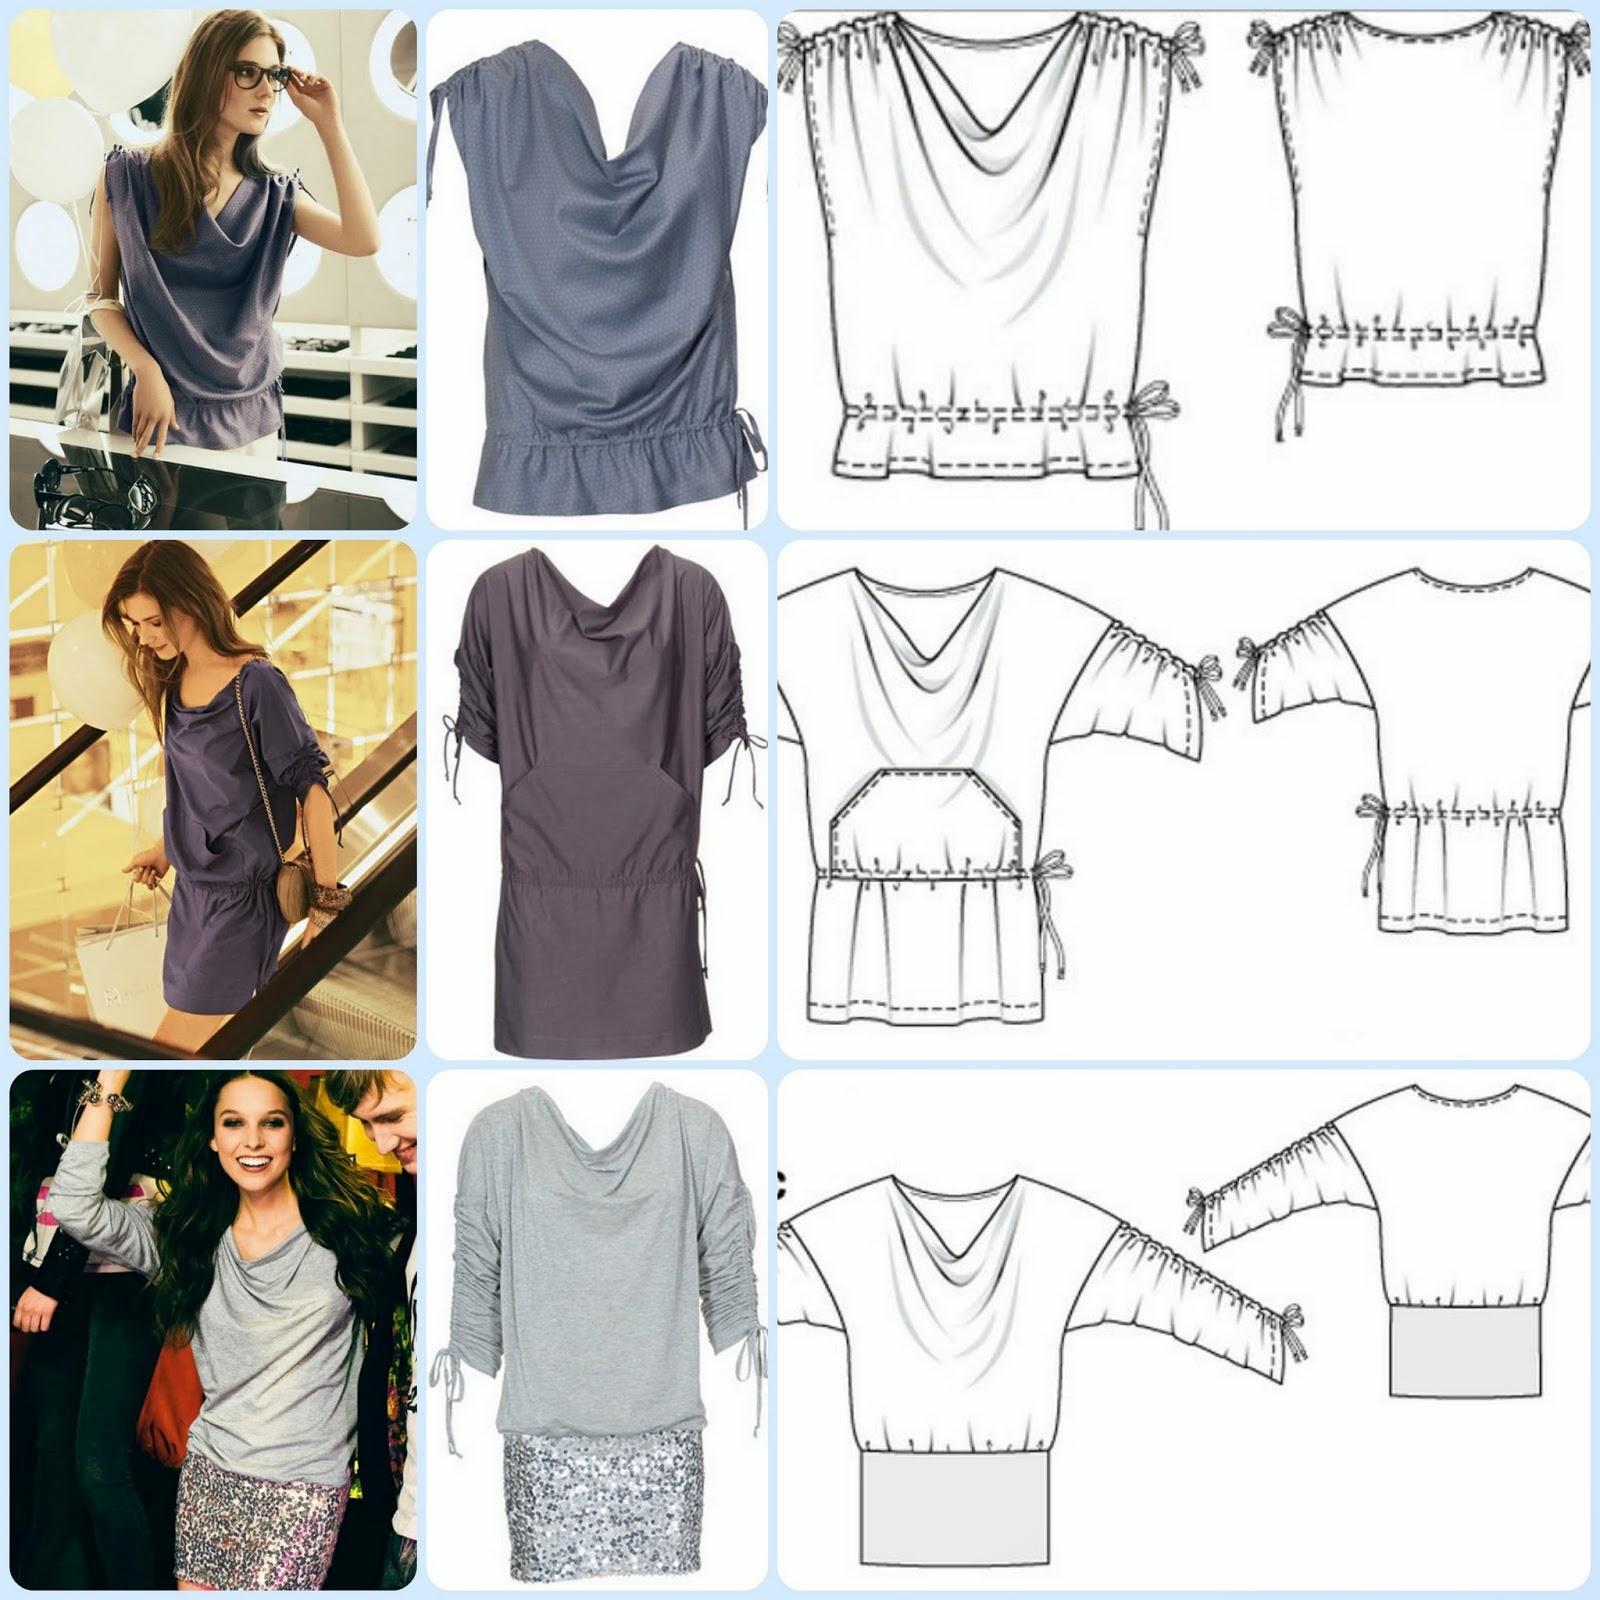 Шьем одежду своими руками - фото для начинающих